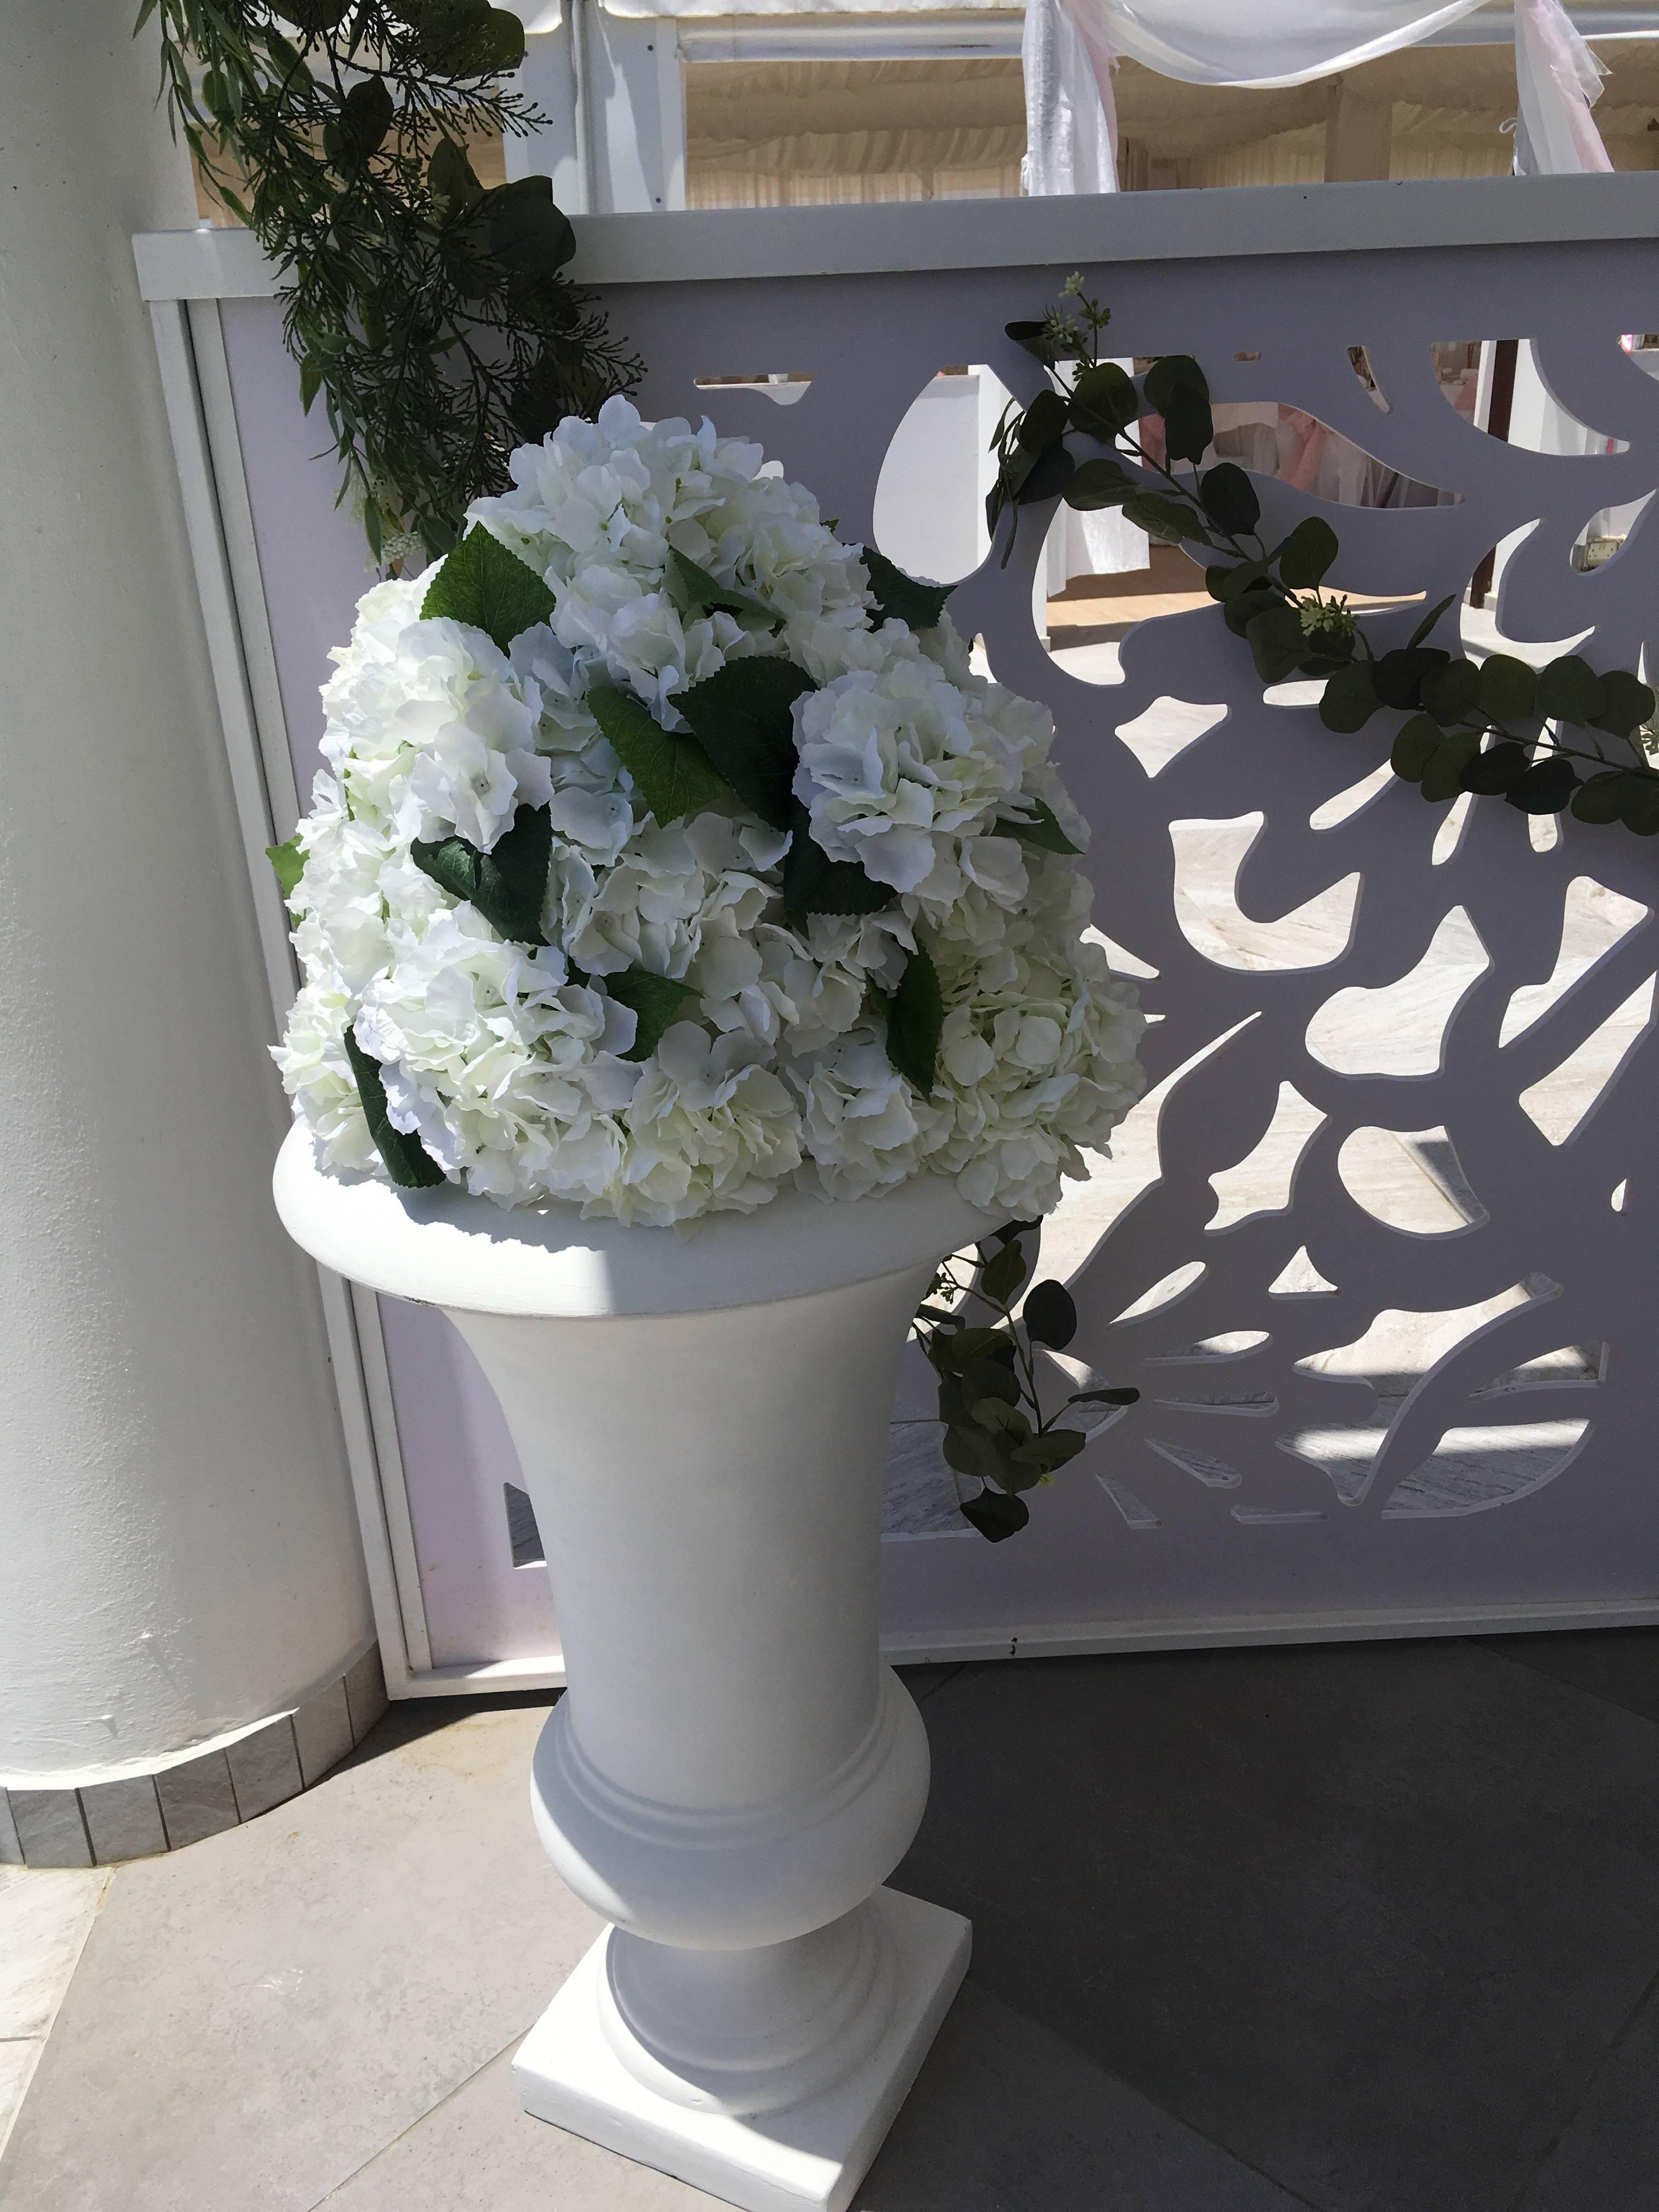 Hydrangea arrangements in white urns.